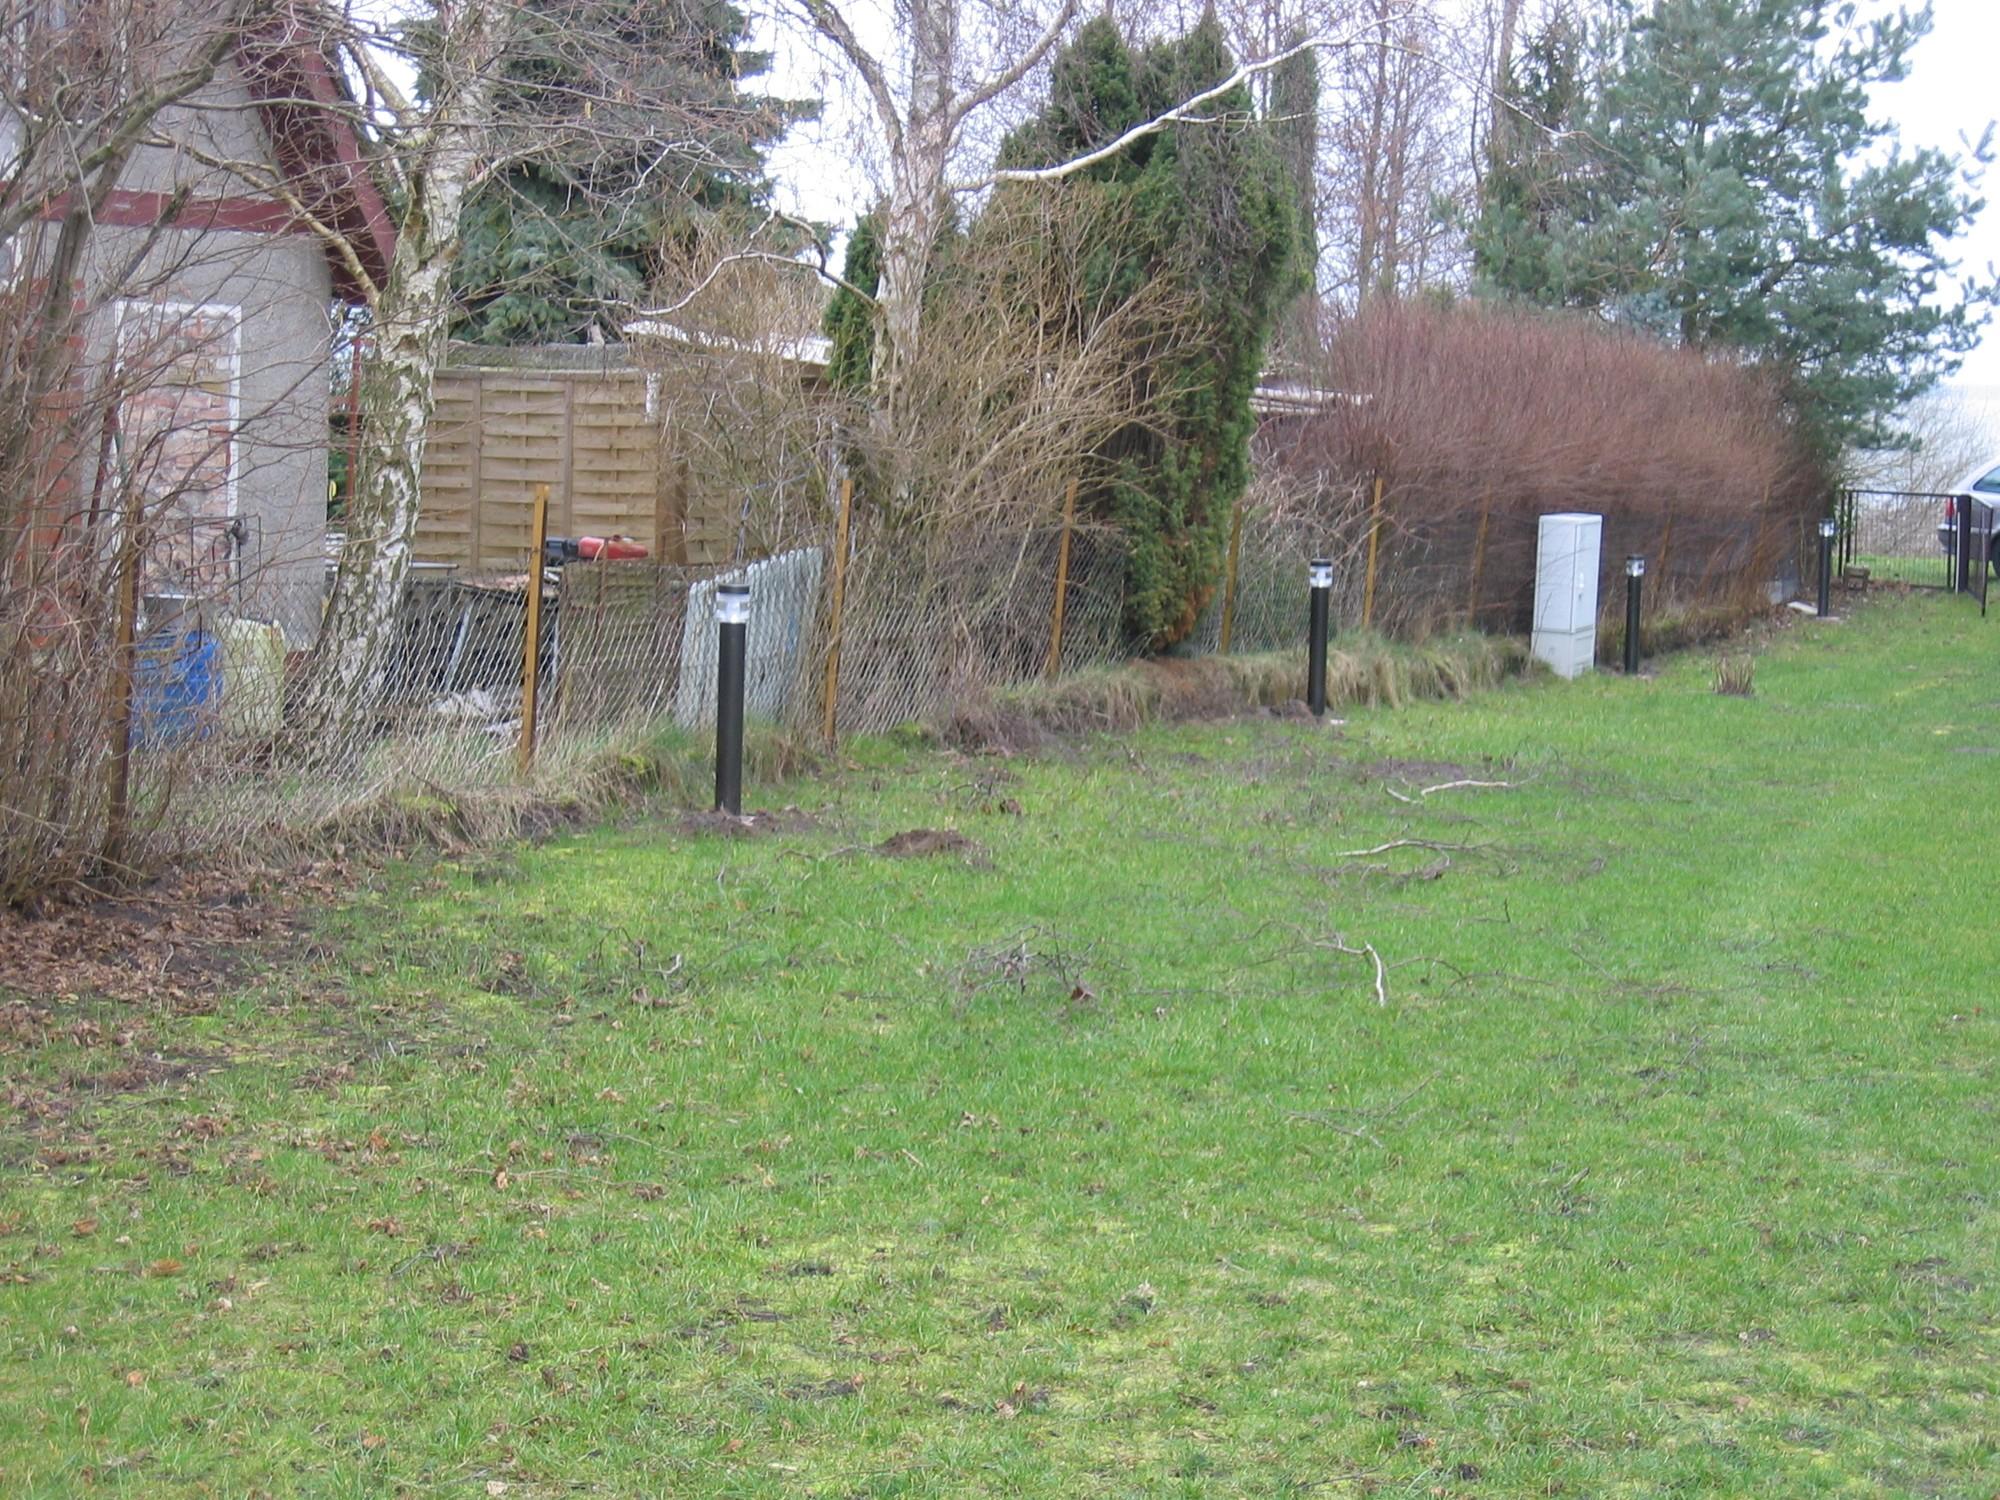 Von der Wiese zum Wochenend-Garten: Umgestaltung von Gartenanlagen